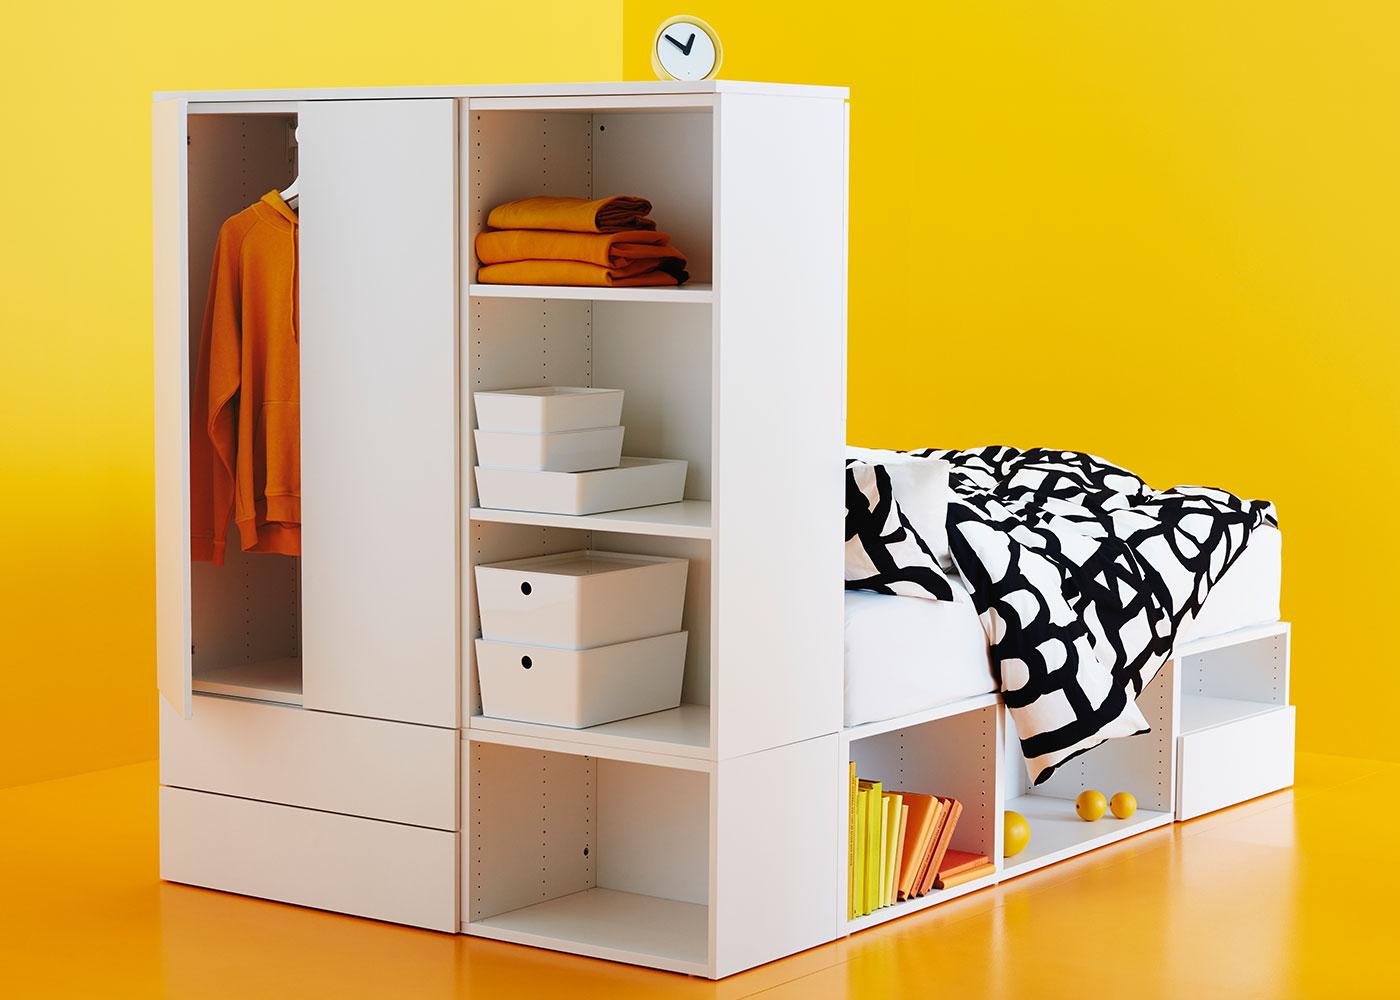 Lit PLATSA - IKEA